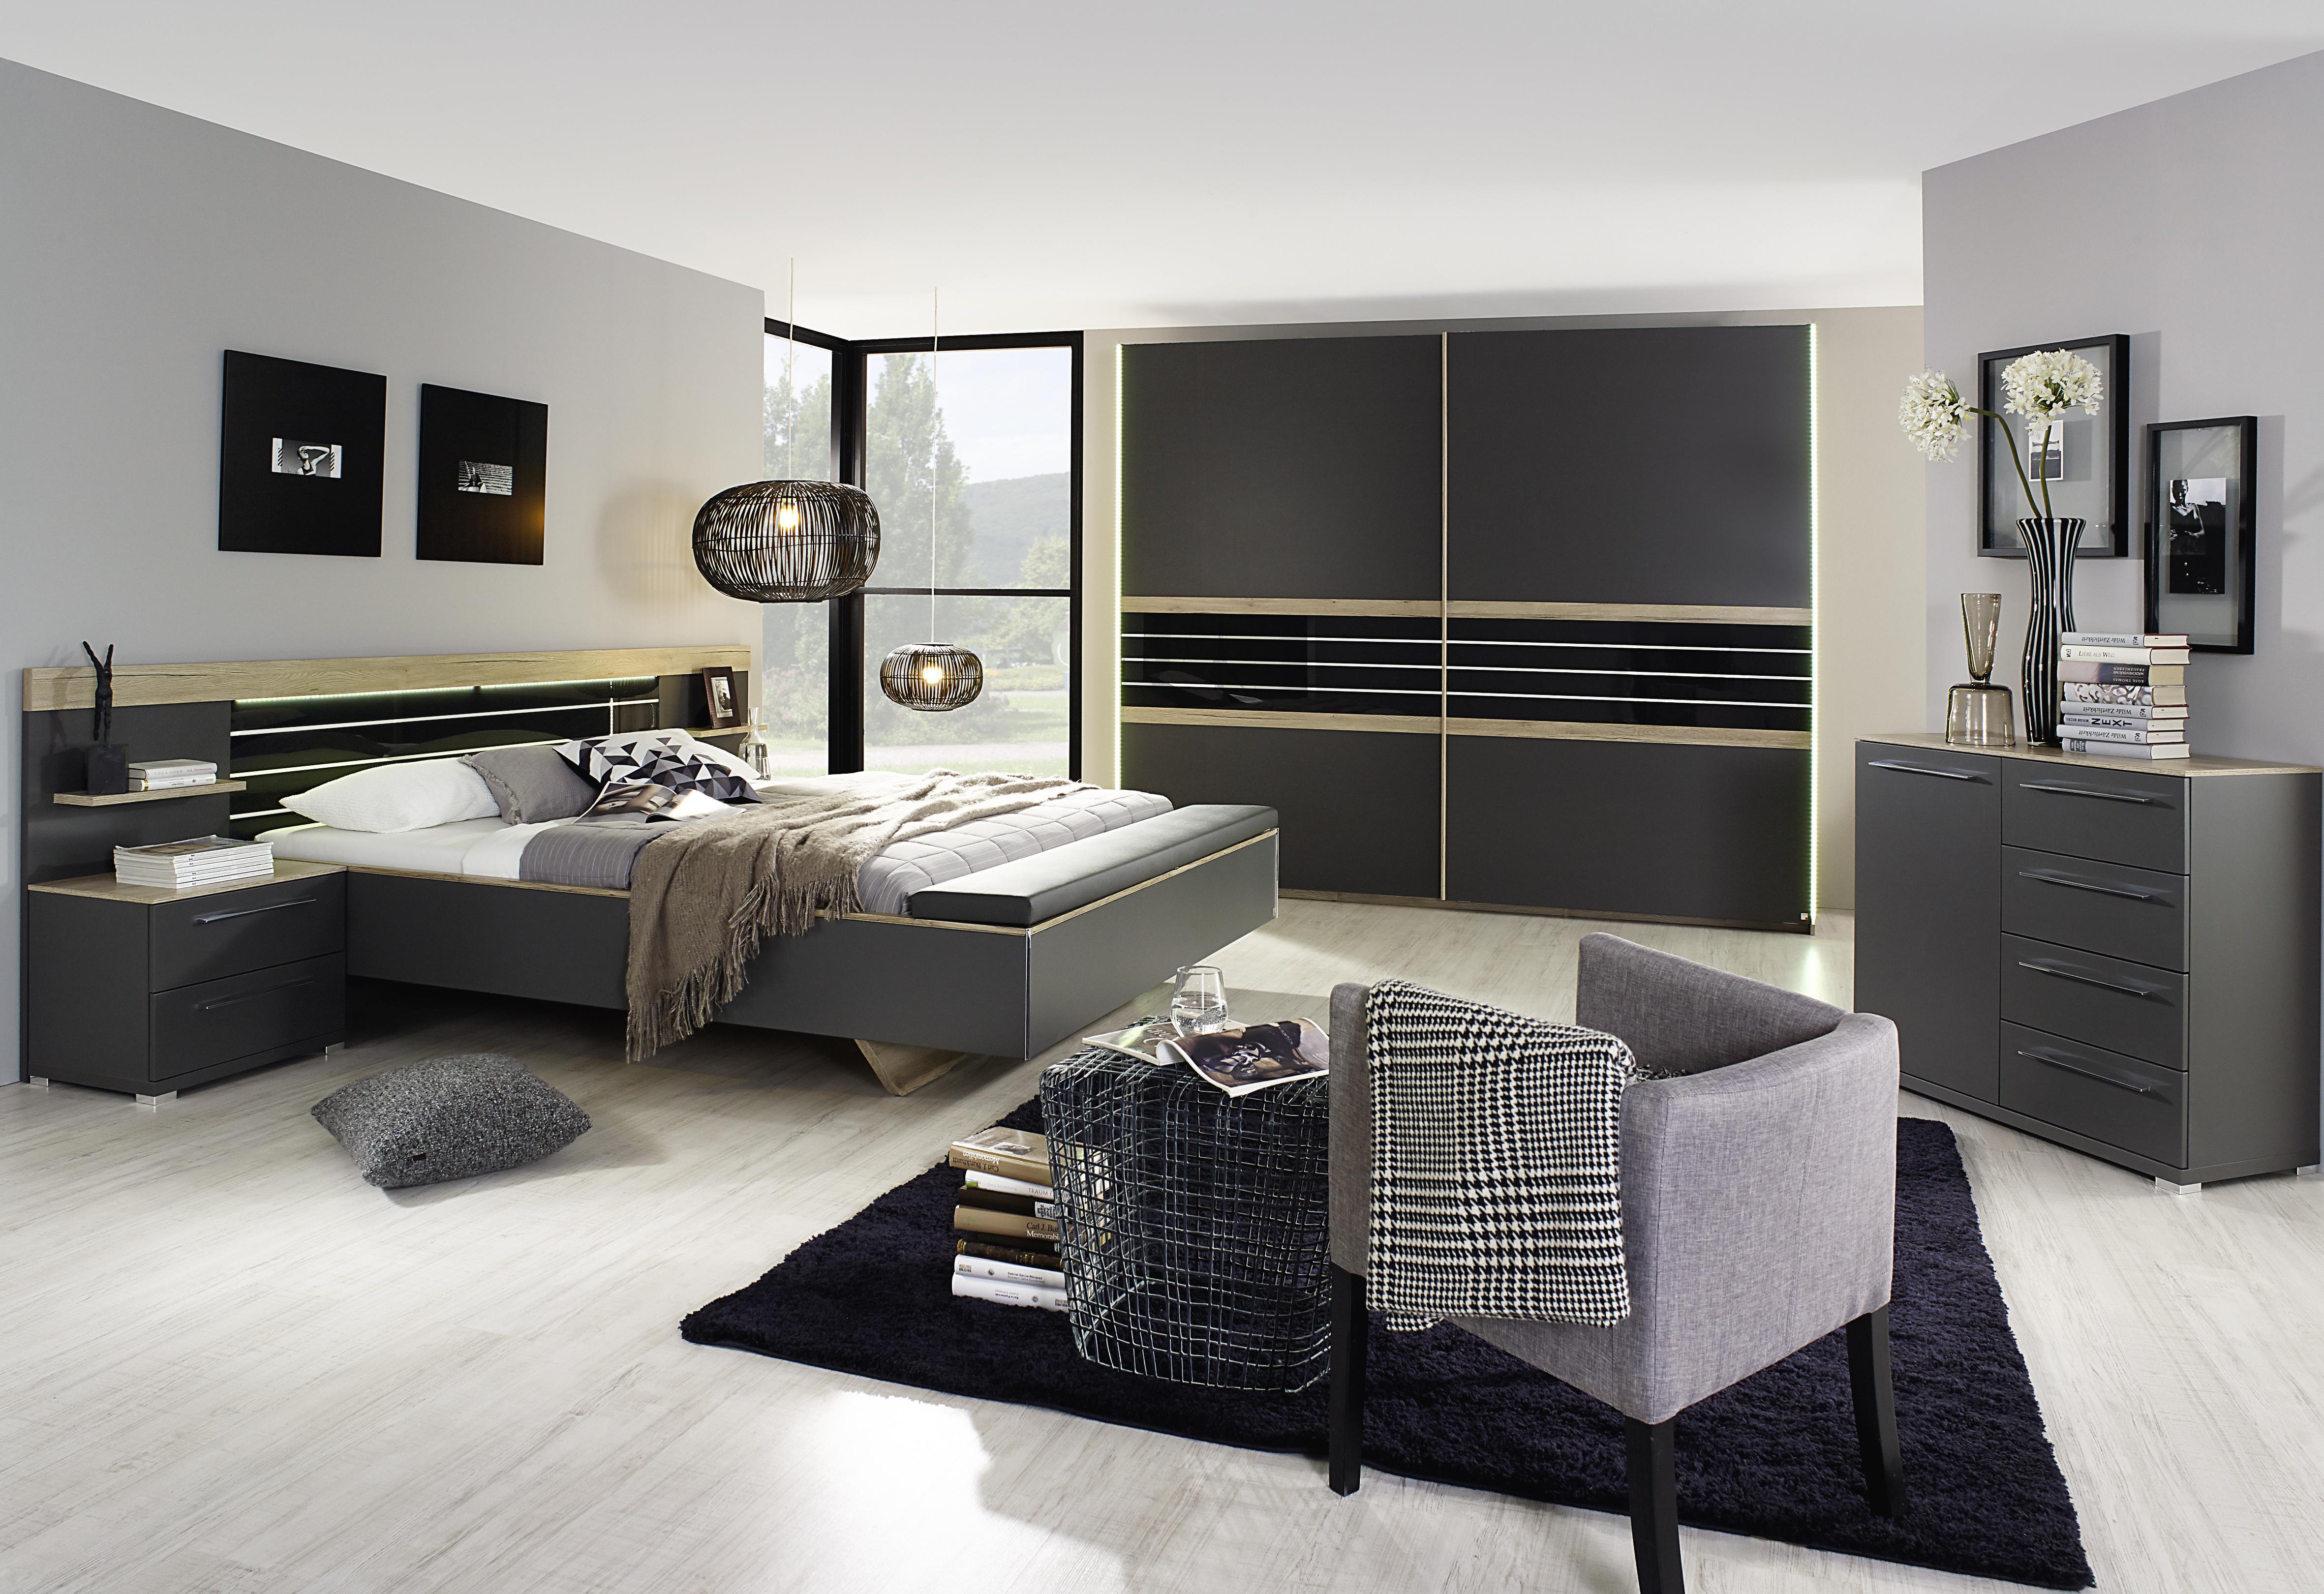 schlafzimmer 3 tlg coleen von rauch dialog kombi a wei. Black Bedroom Furniture Sets. Home Design Ideas